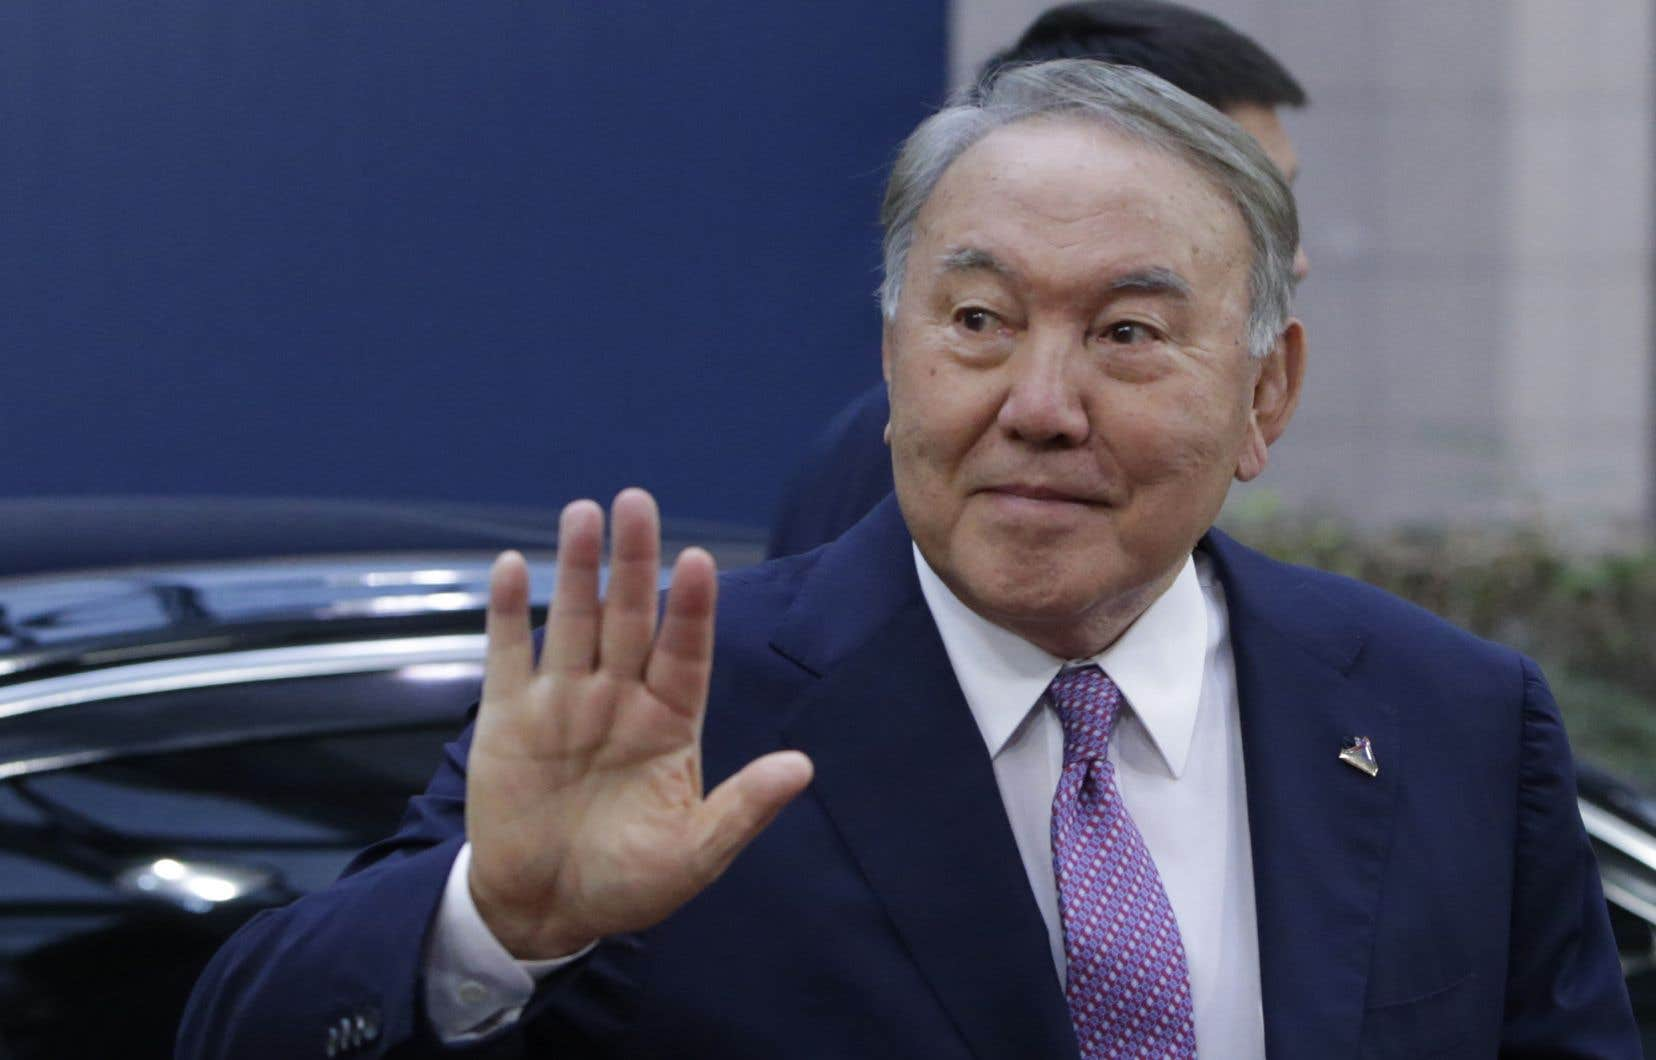 NoursoultanNazarbaïev était le dernier dirigeant de l'ex-URSS au pouvoir sans discontinuer depuis la dissolution de l'Union soviétique en 1991.